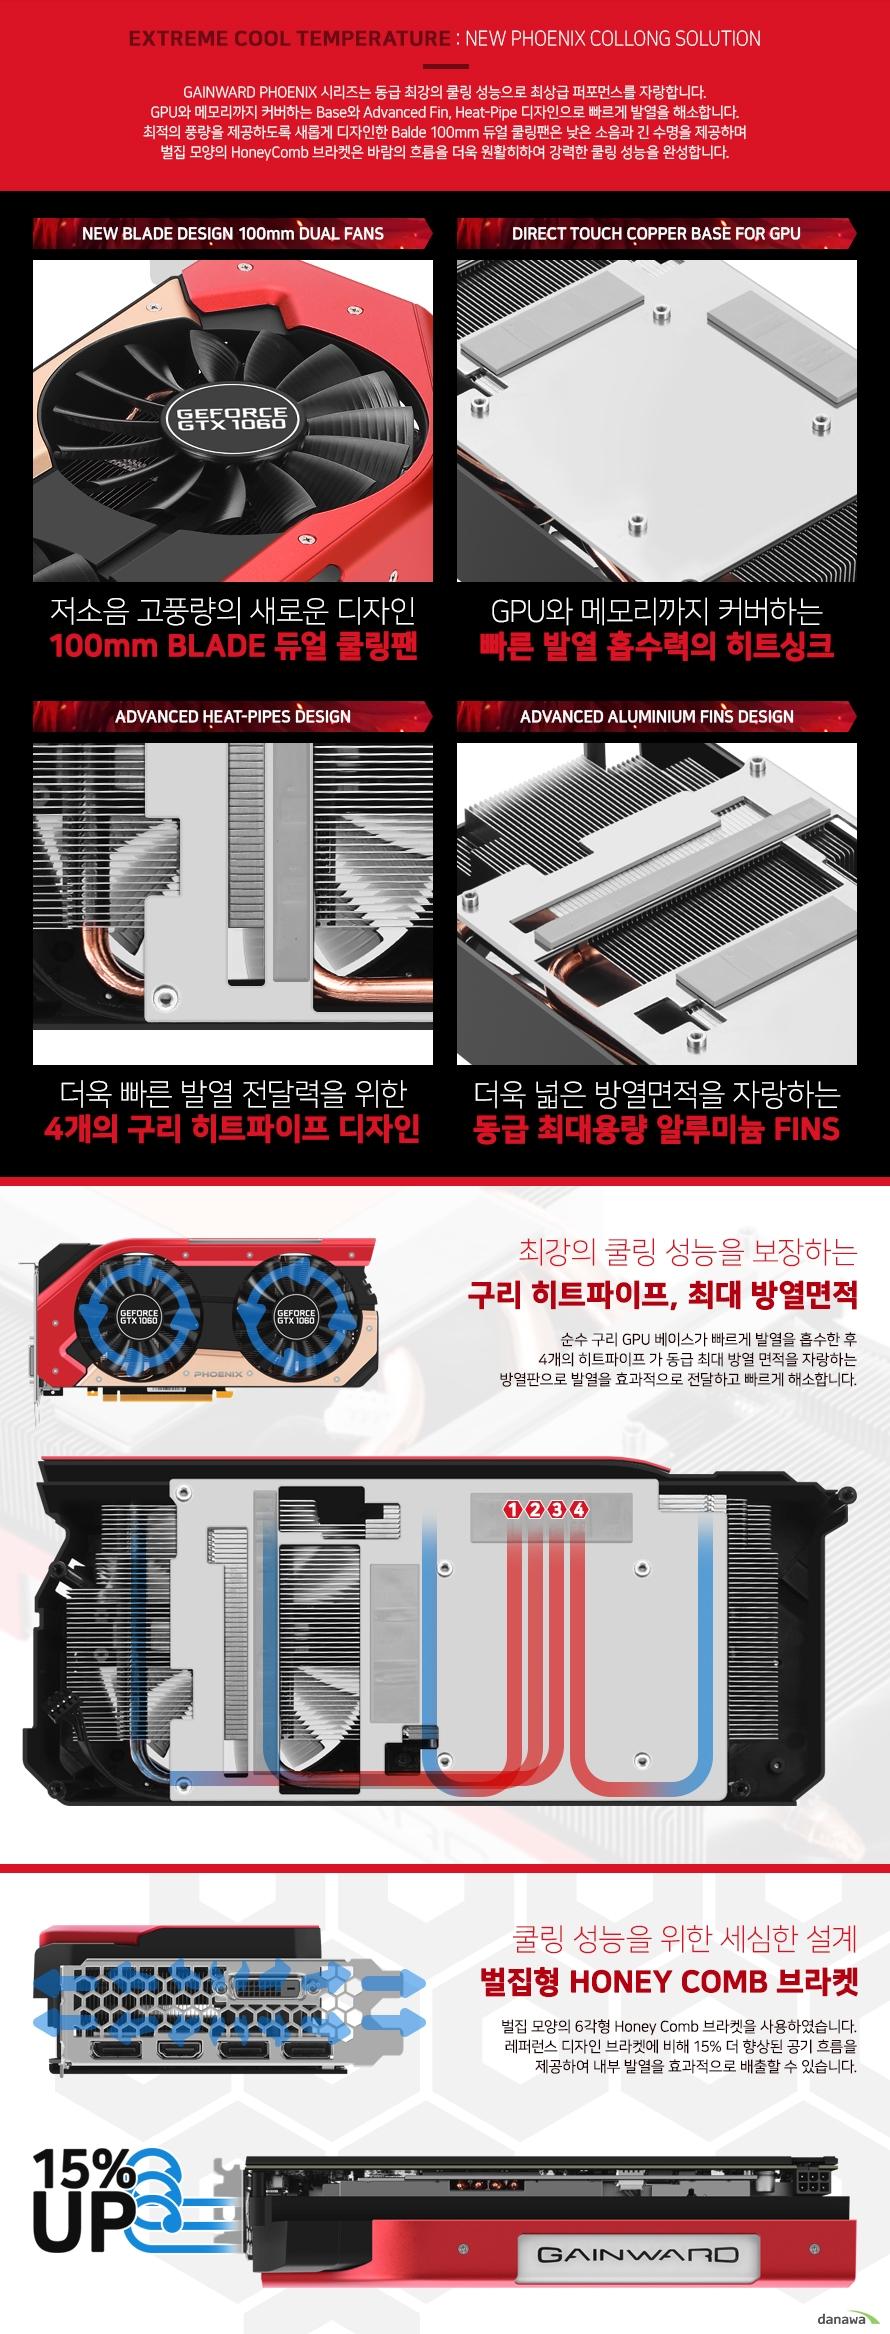 GAINWARD PHOENIX 시리즈는 동급 최강의 쿨링 성능으로 최상급 퍼포먼스를 자랑합니다. GPU와 메모리까지 커버하는 Base와 Advanced Fin, Heat-Pipe 디자인으로 빠르게 발열을 해소합니다. 최적의 풍량을 제공하도록 새롭게 디자인한 Balde 100mm 듀얼 쿨링팬은 낮은 소음과 긴 수명을 제공하며 벌집 모양의 HoneyComb 브라켓은 바람의 흐름을 더욱 원활히하여 강력한 쿨링 성능을 완성합니다.